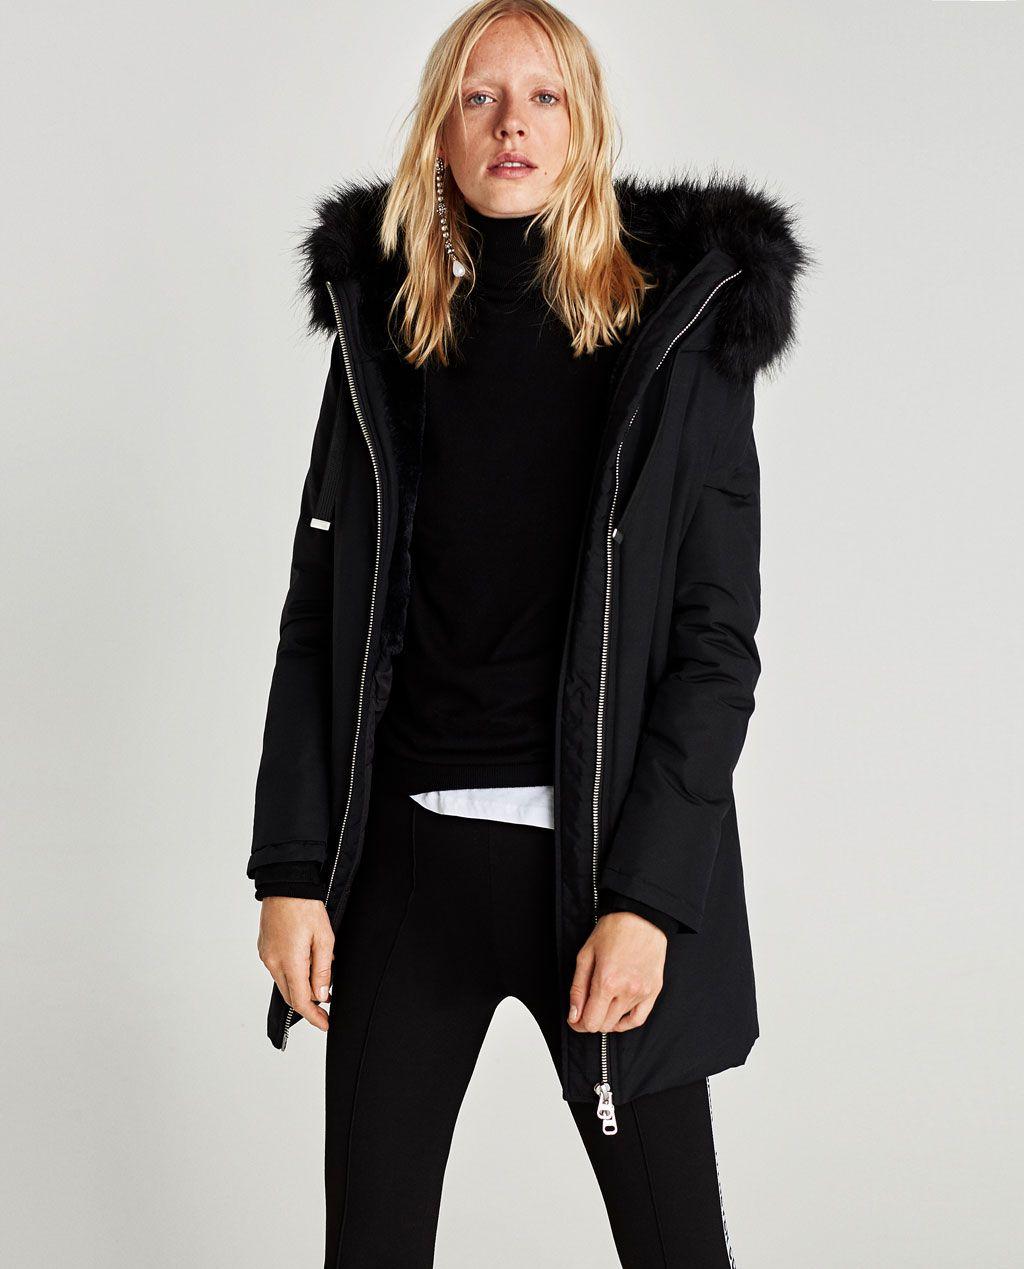 Ladies Black Parka Jacket